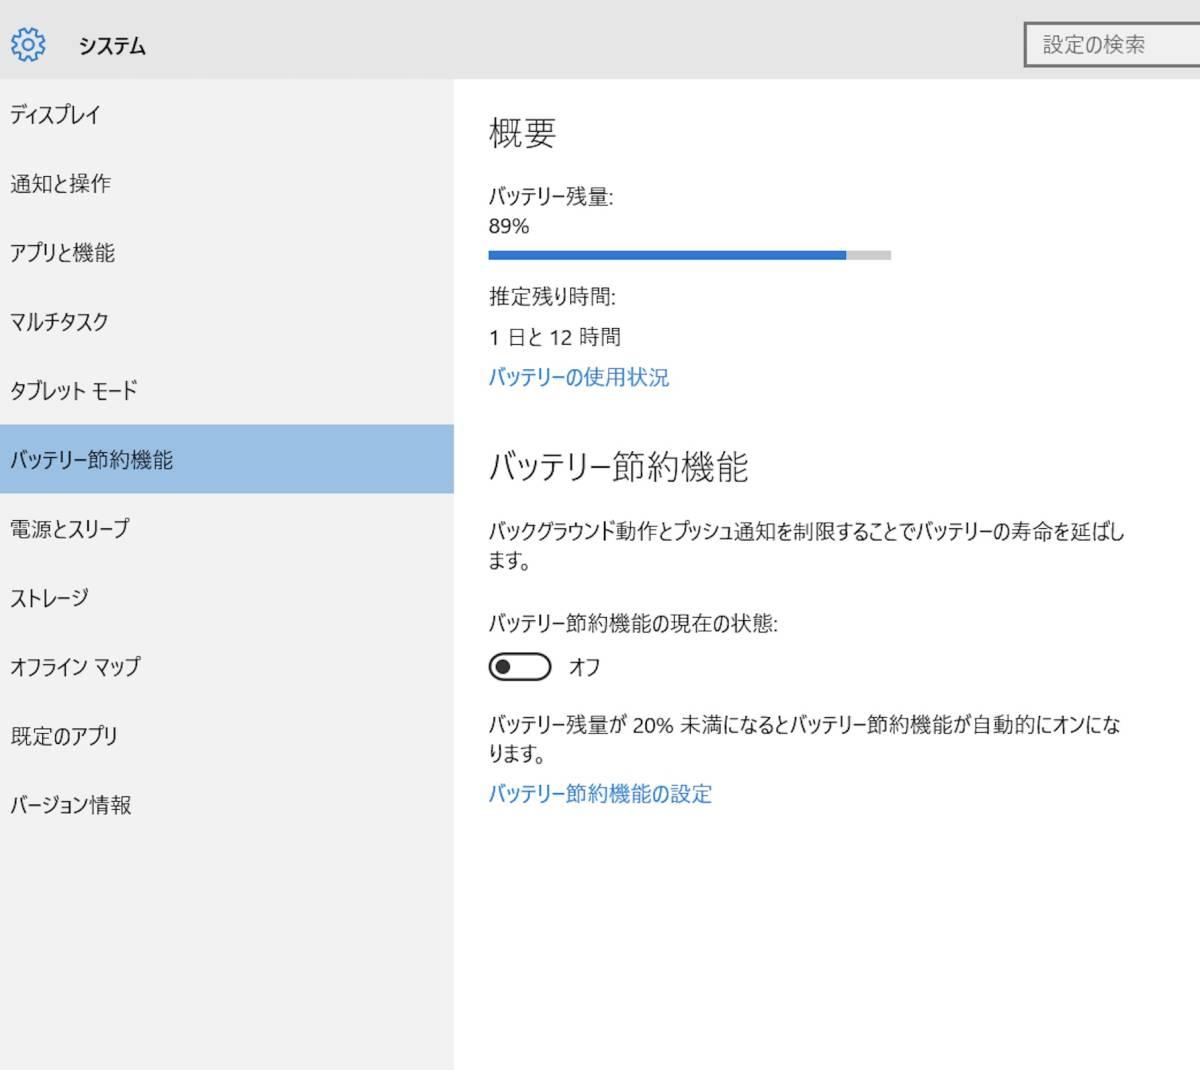 ★インテル(R) Core i7-6700HQ ★爆速新品 crucial SSD500GB★ FUJITSU LIFEBOOK AH53/X 最新Windows10・メモリ容量8GB・Office 2019_画像8